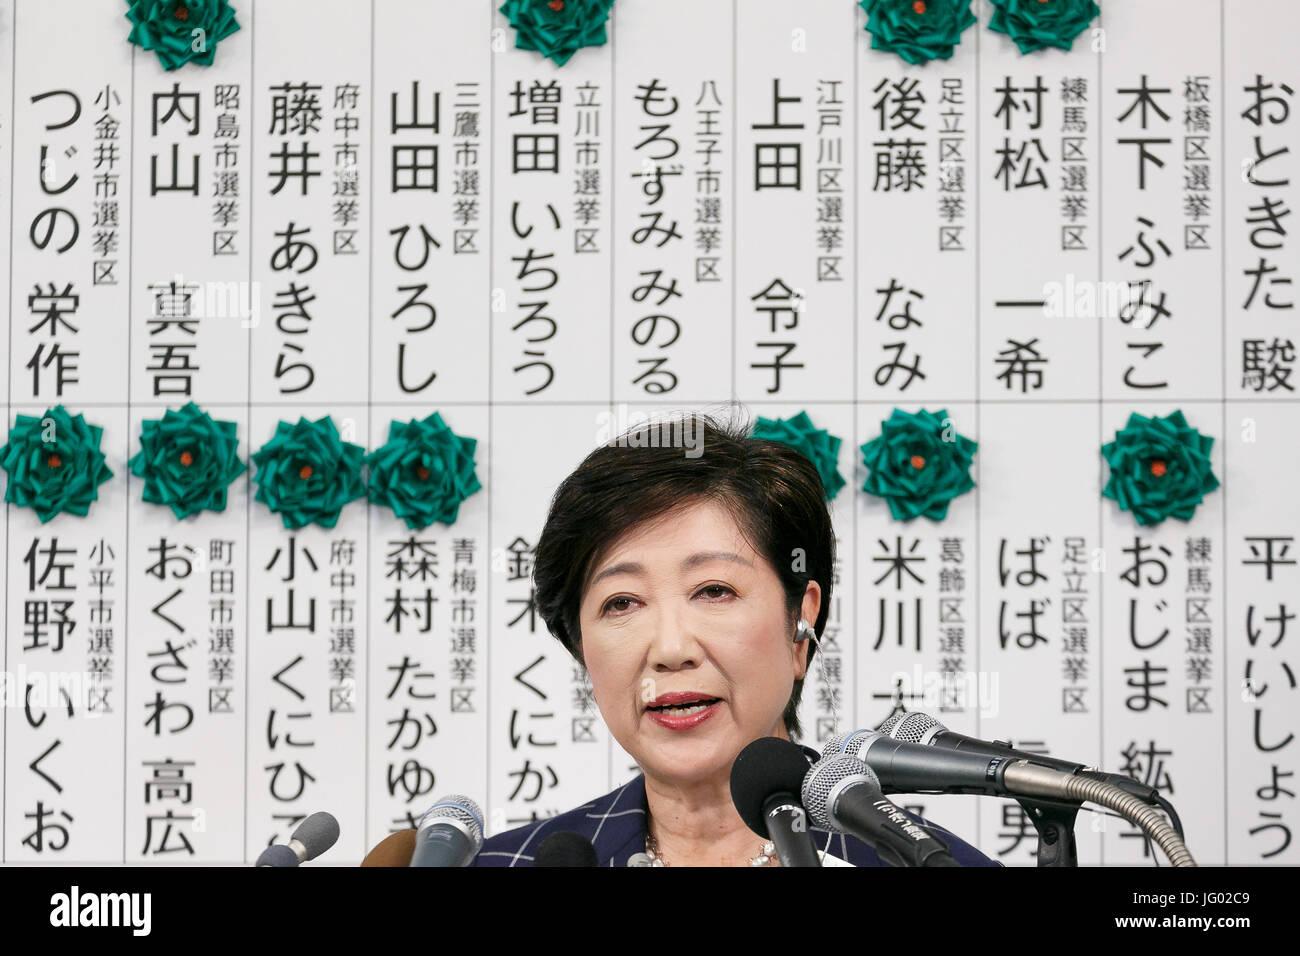 Tokyo, Japan. 2nd July, 2017. Tokyo Governor Yuriko Koike answers questions from the media at the Shinjuku Washington - Stock Image